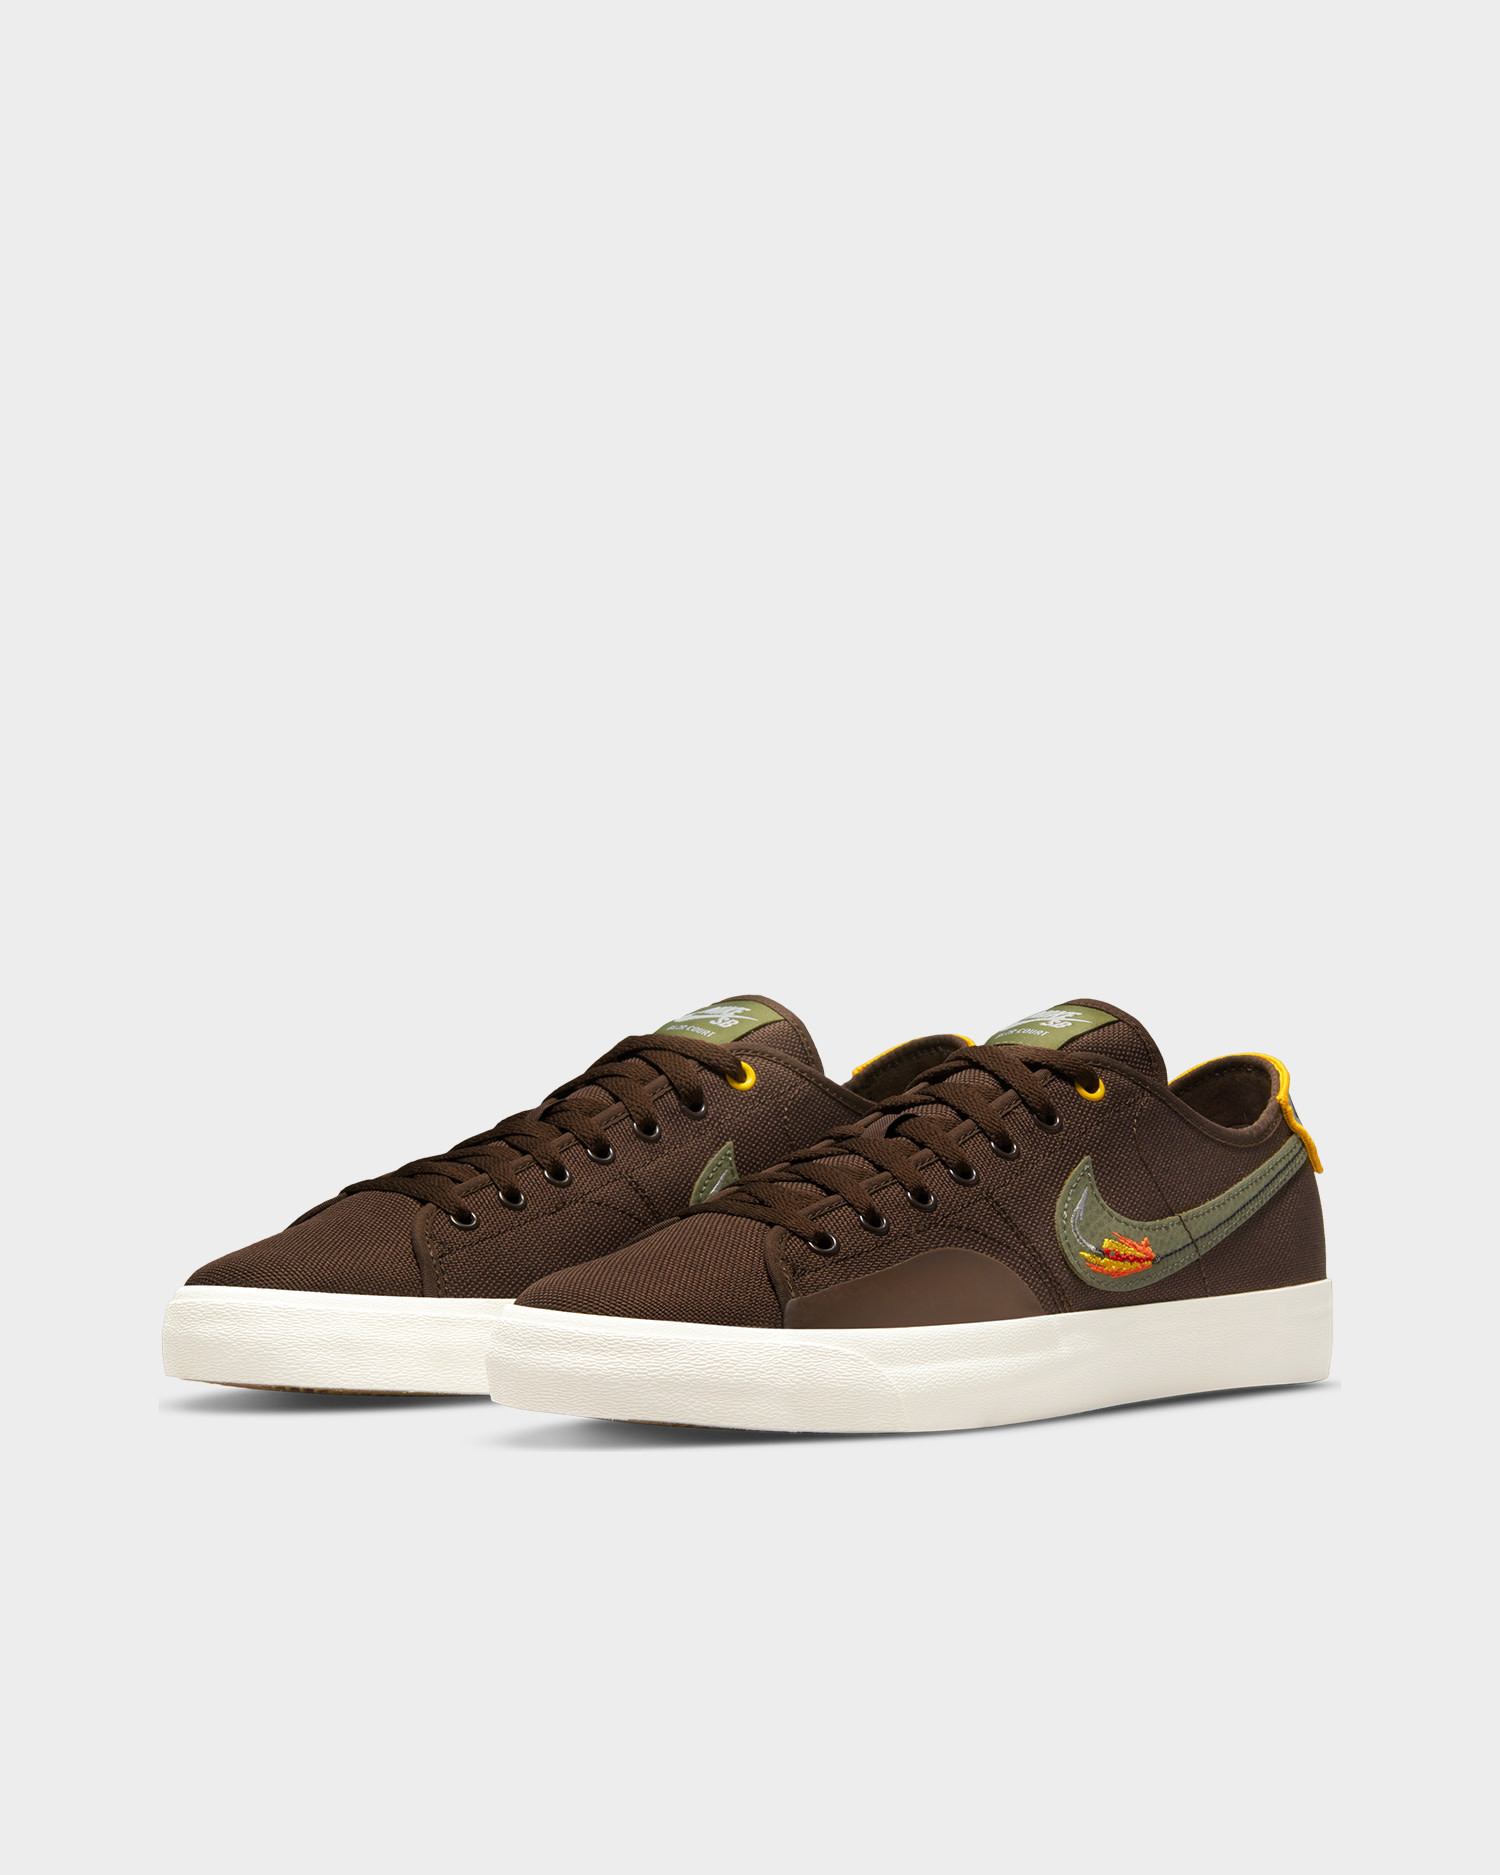 Nike sb blzr court dvdl Baroque brown/medium olive-light bone